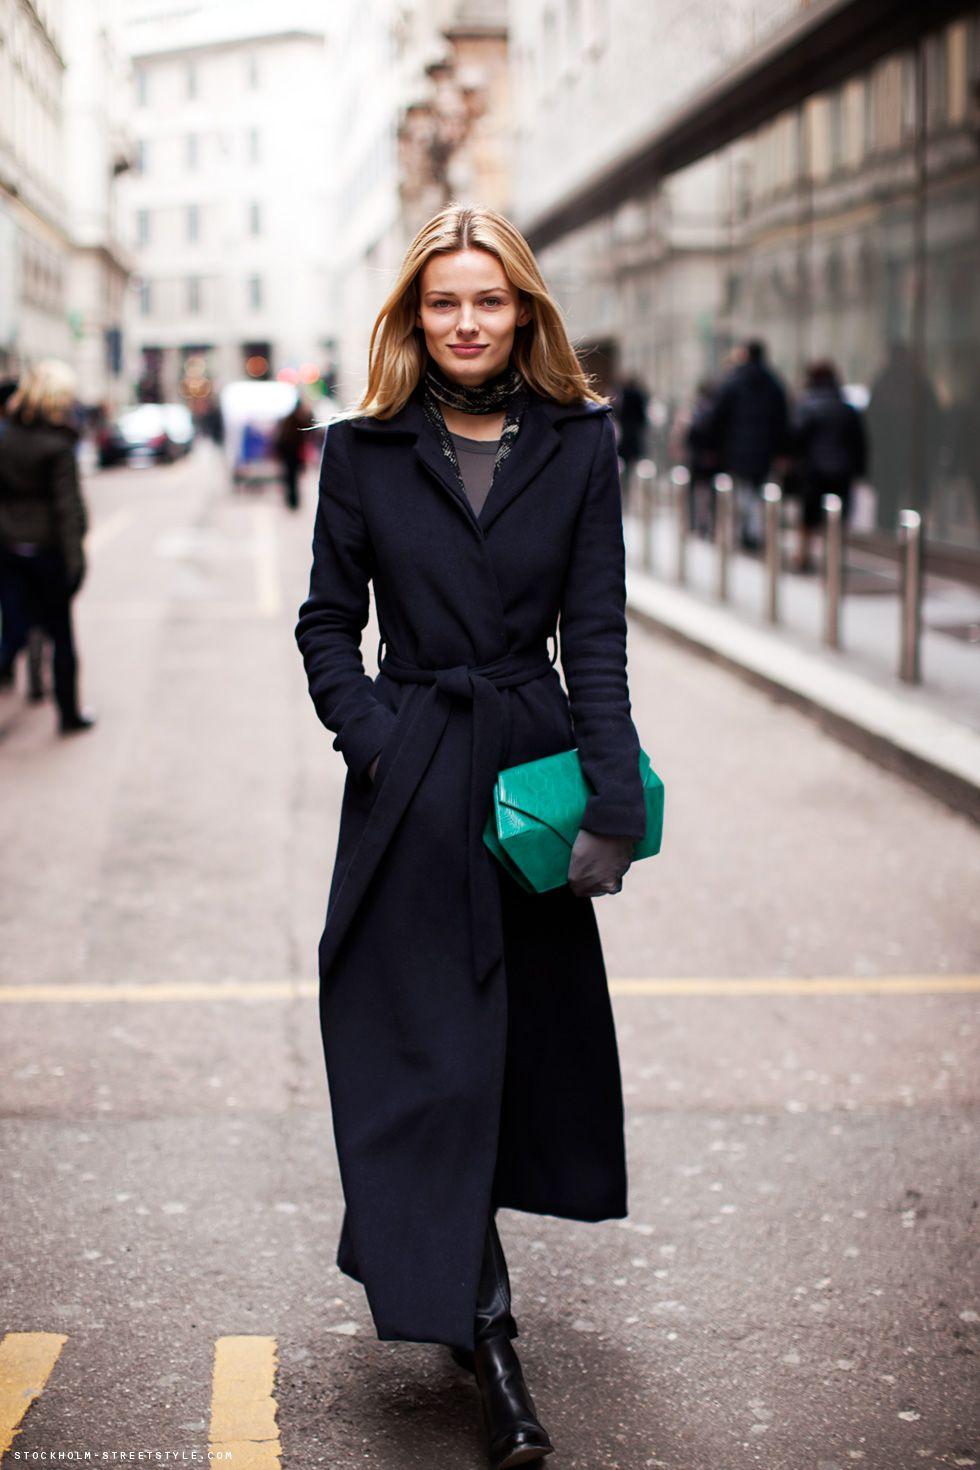 Long Black Womens Coat